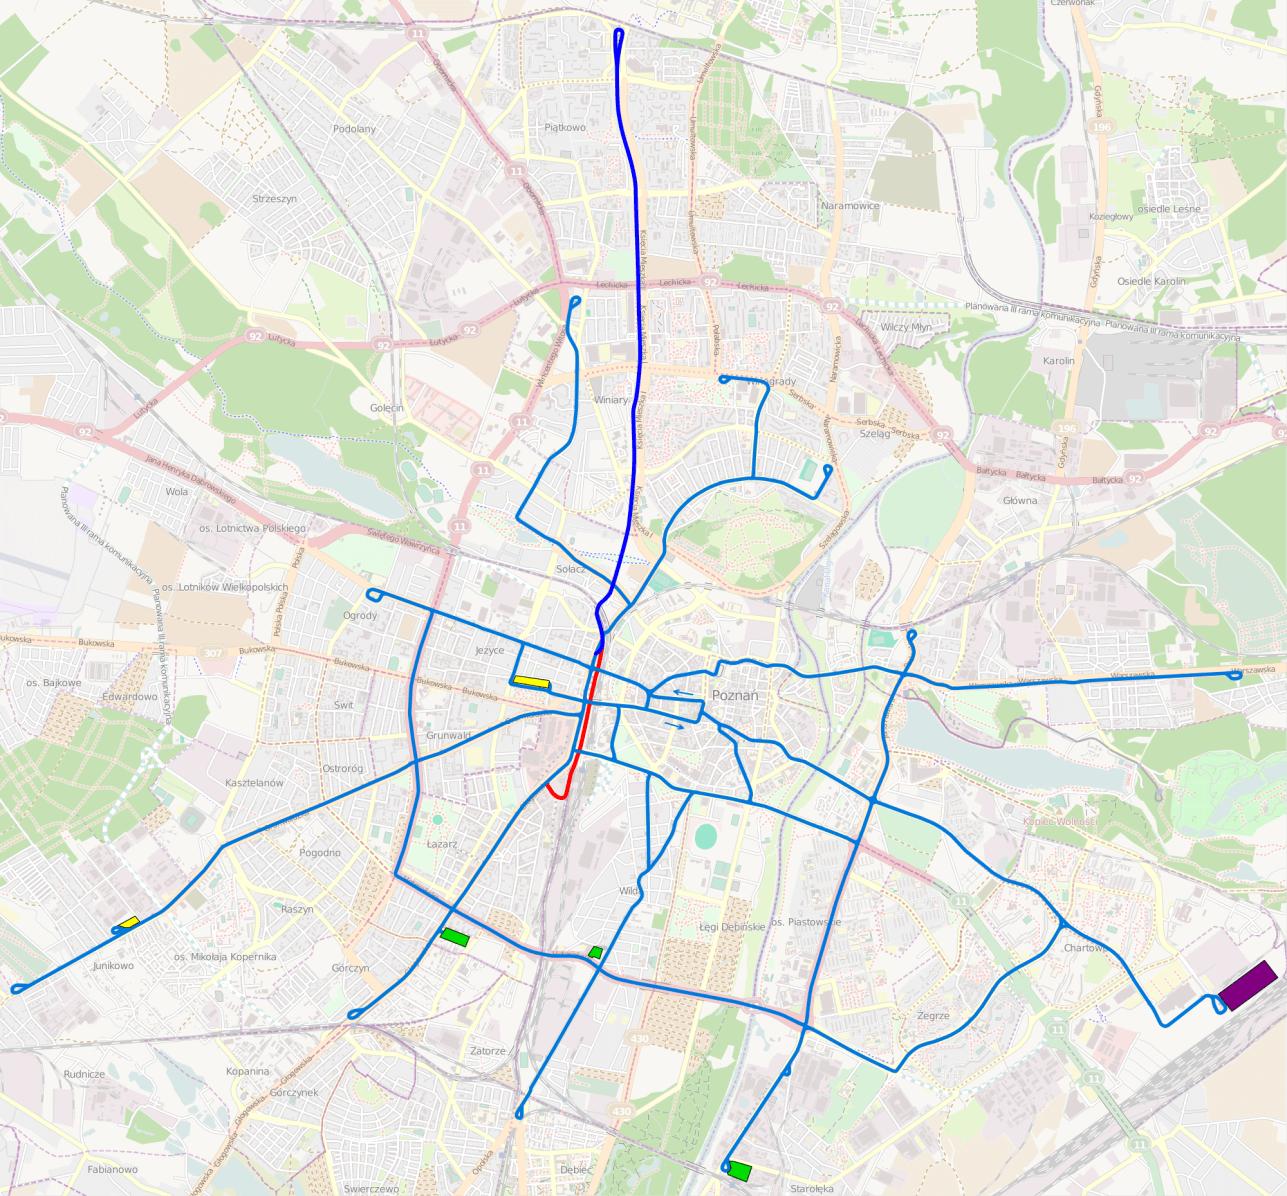 Auffallend sind die vielen Kreuzungen: Man kann nahezu von jedem Punkt in alle Richtungen fahren - äußerst praktisch für Umleitungen.